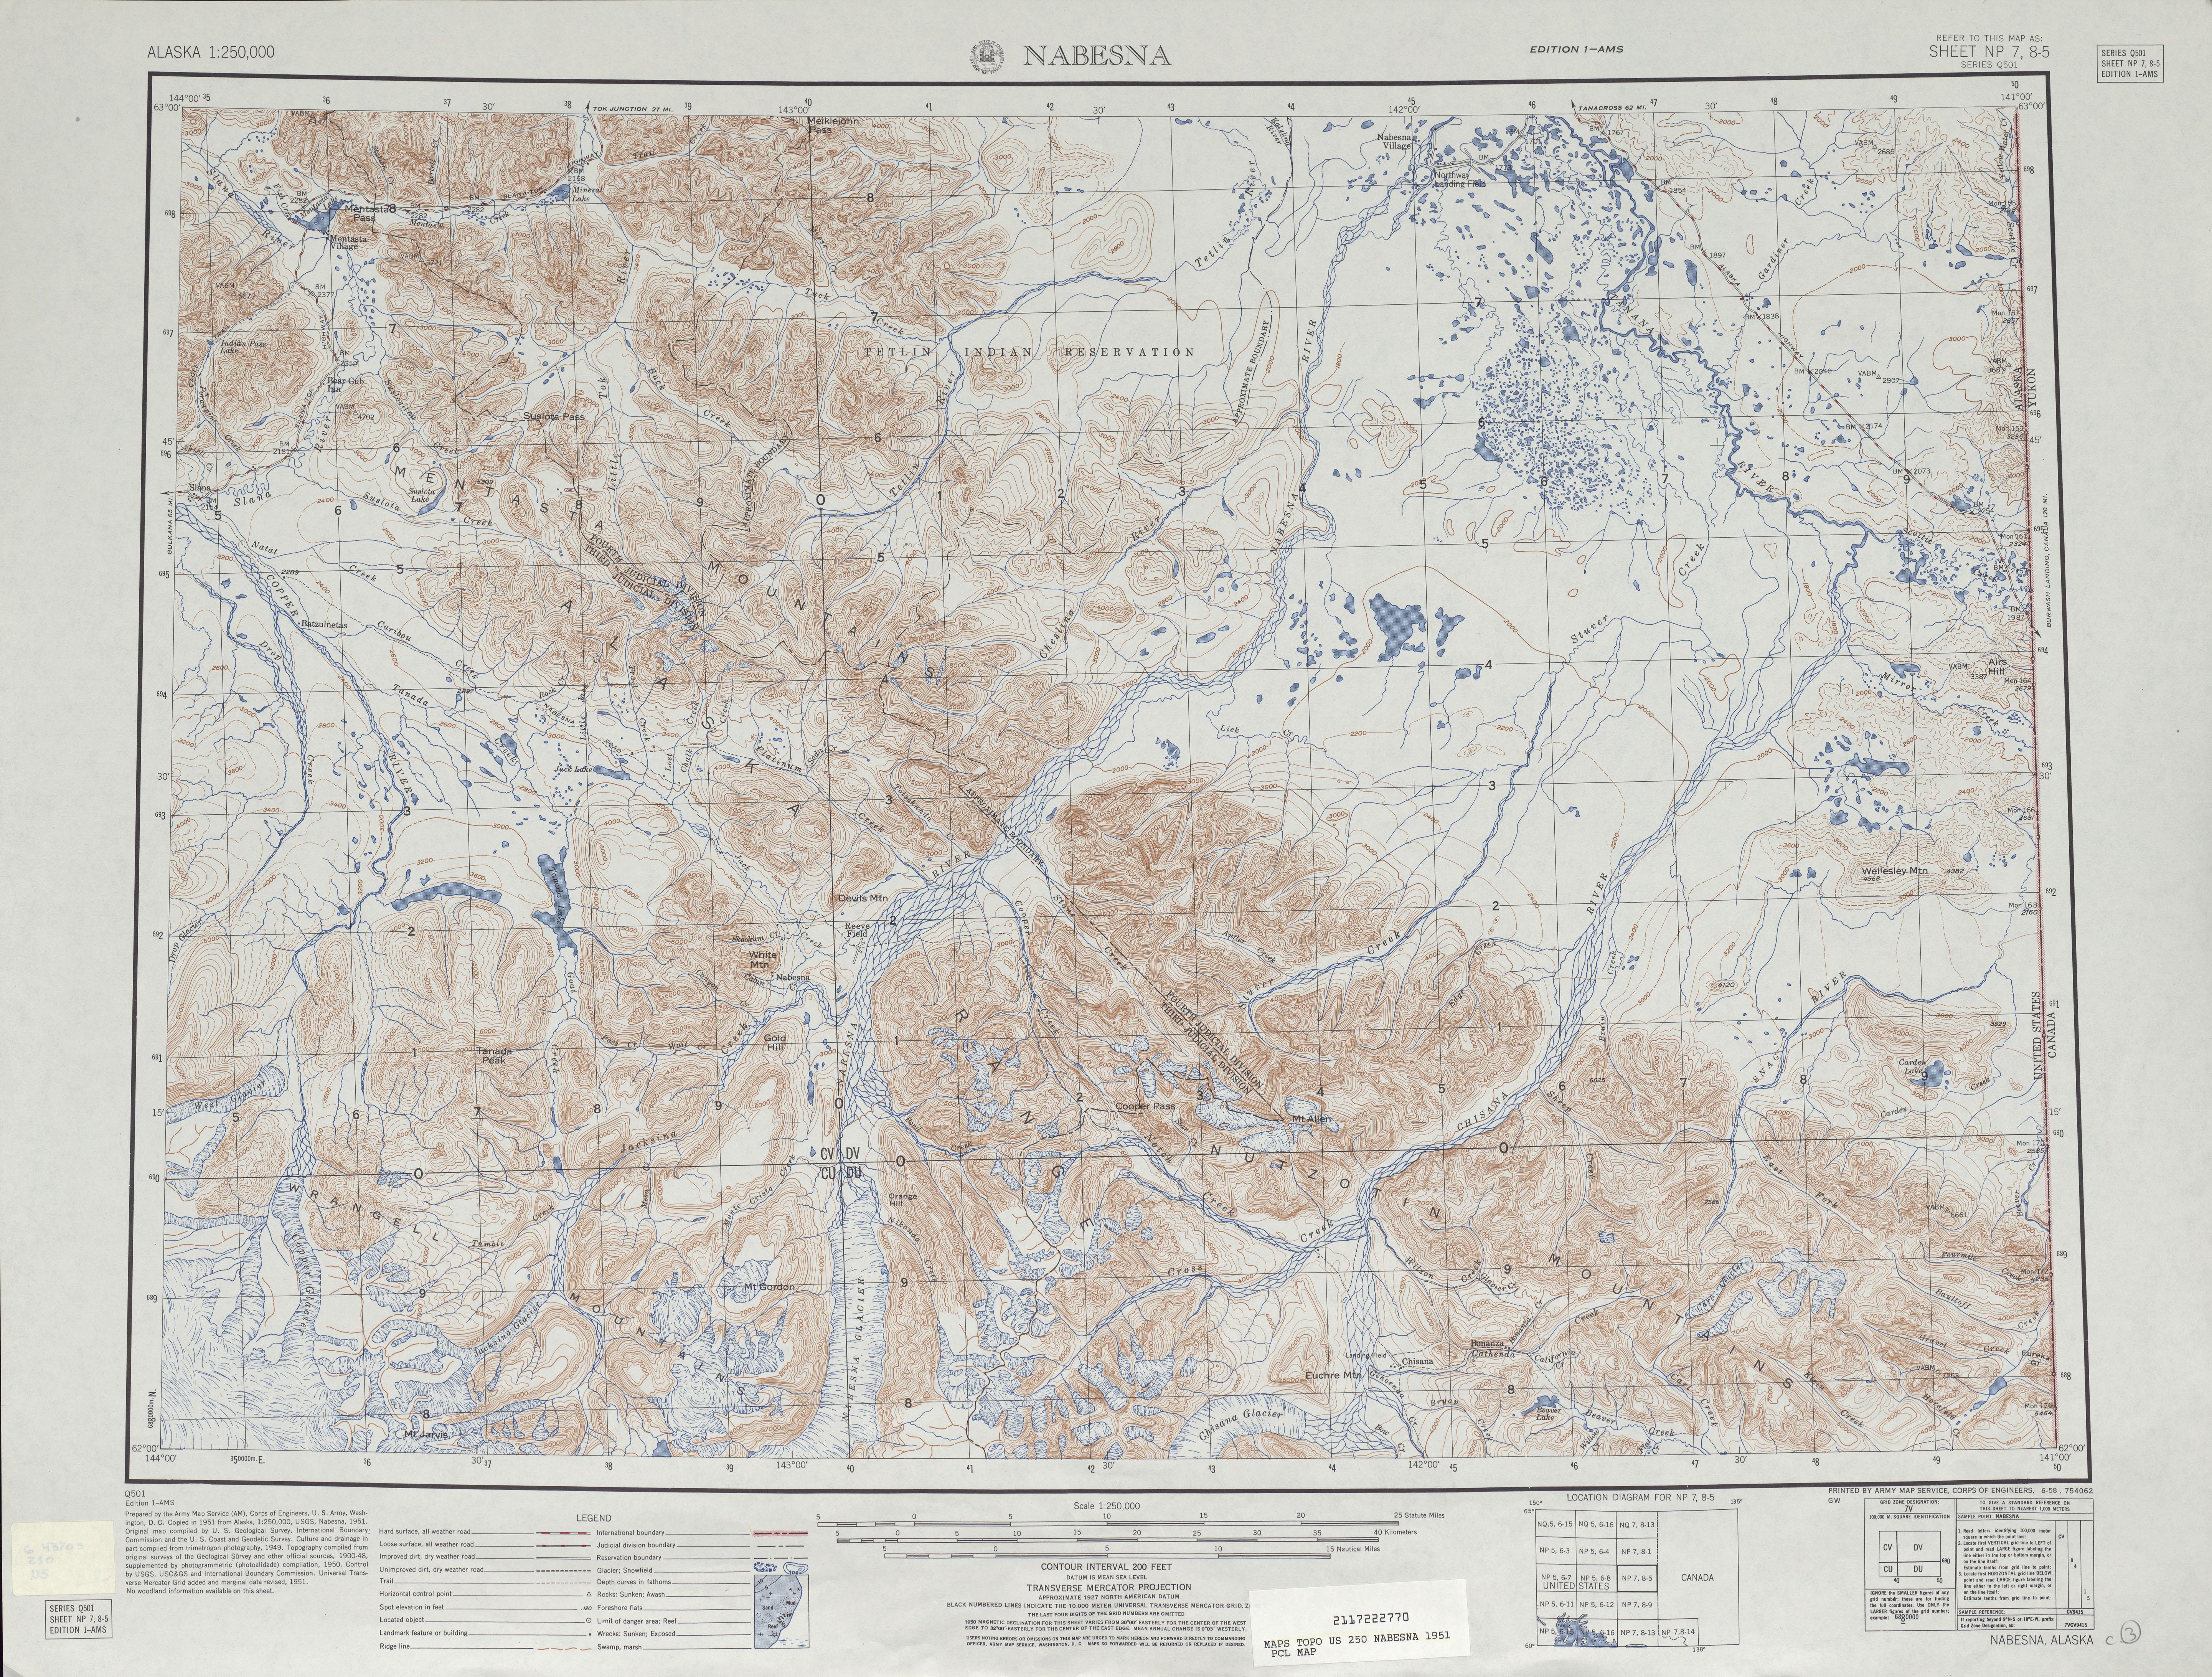 Hoja Nabesna del Mapa Topográfico de los Estados Unidos 1951